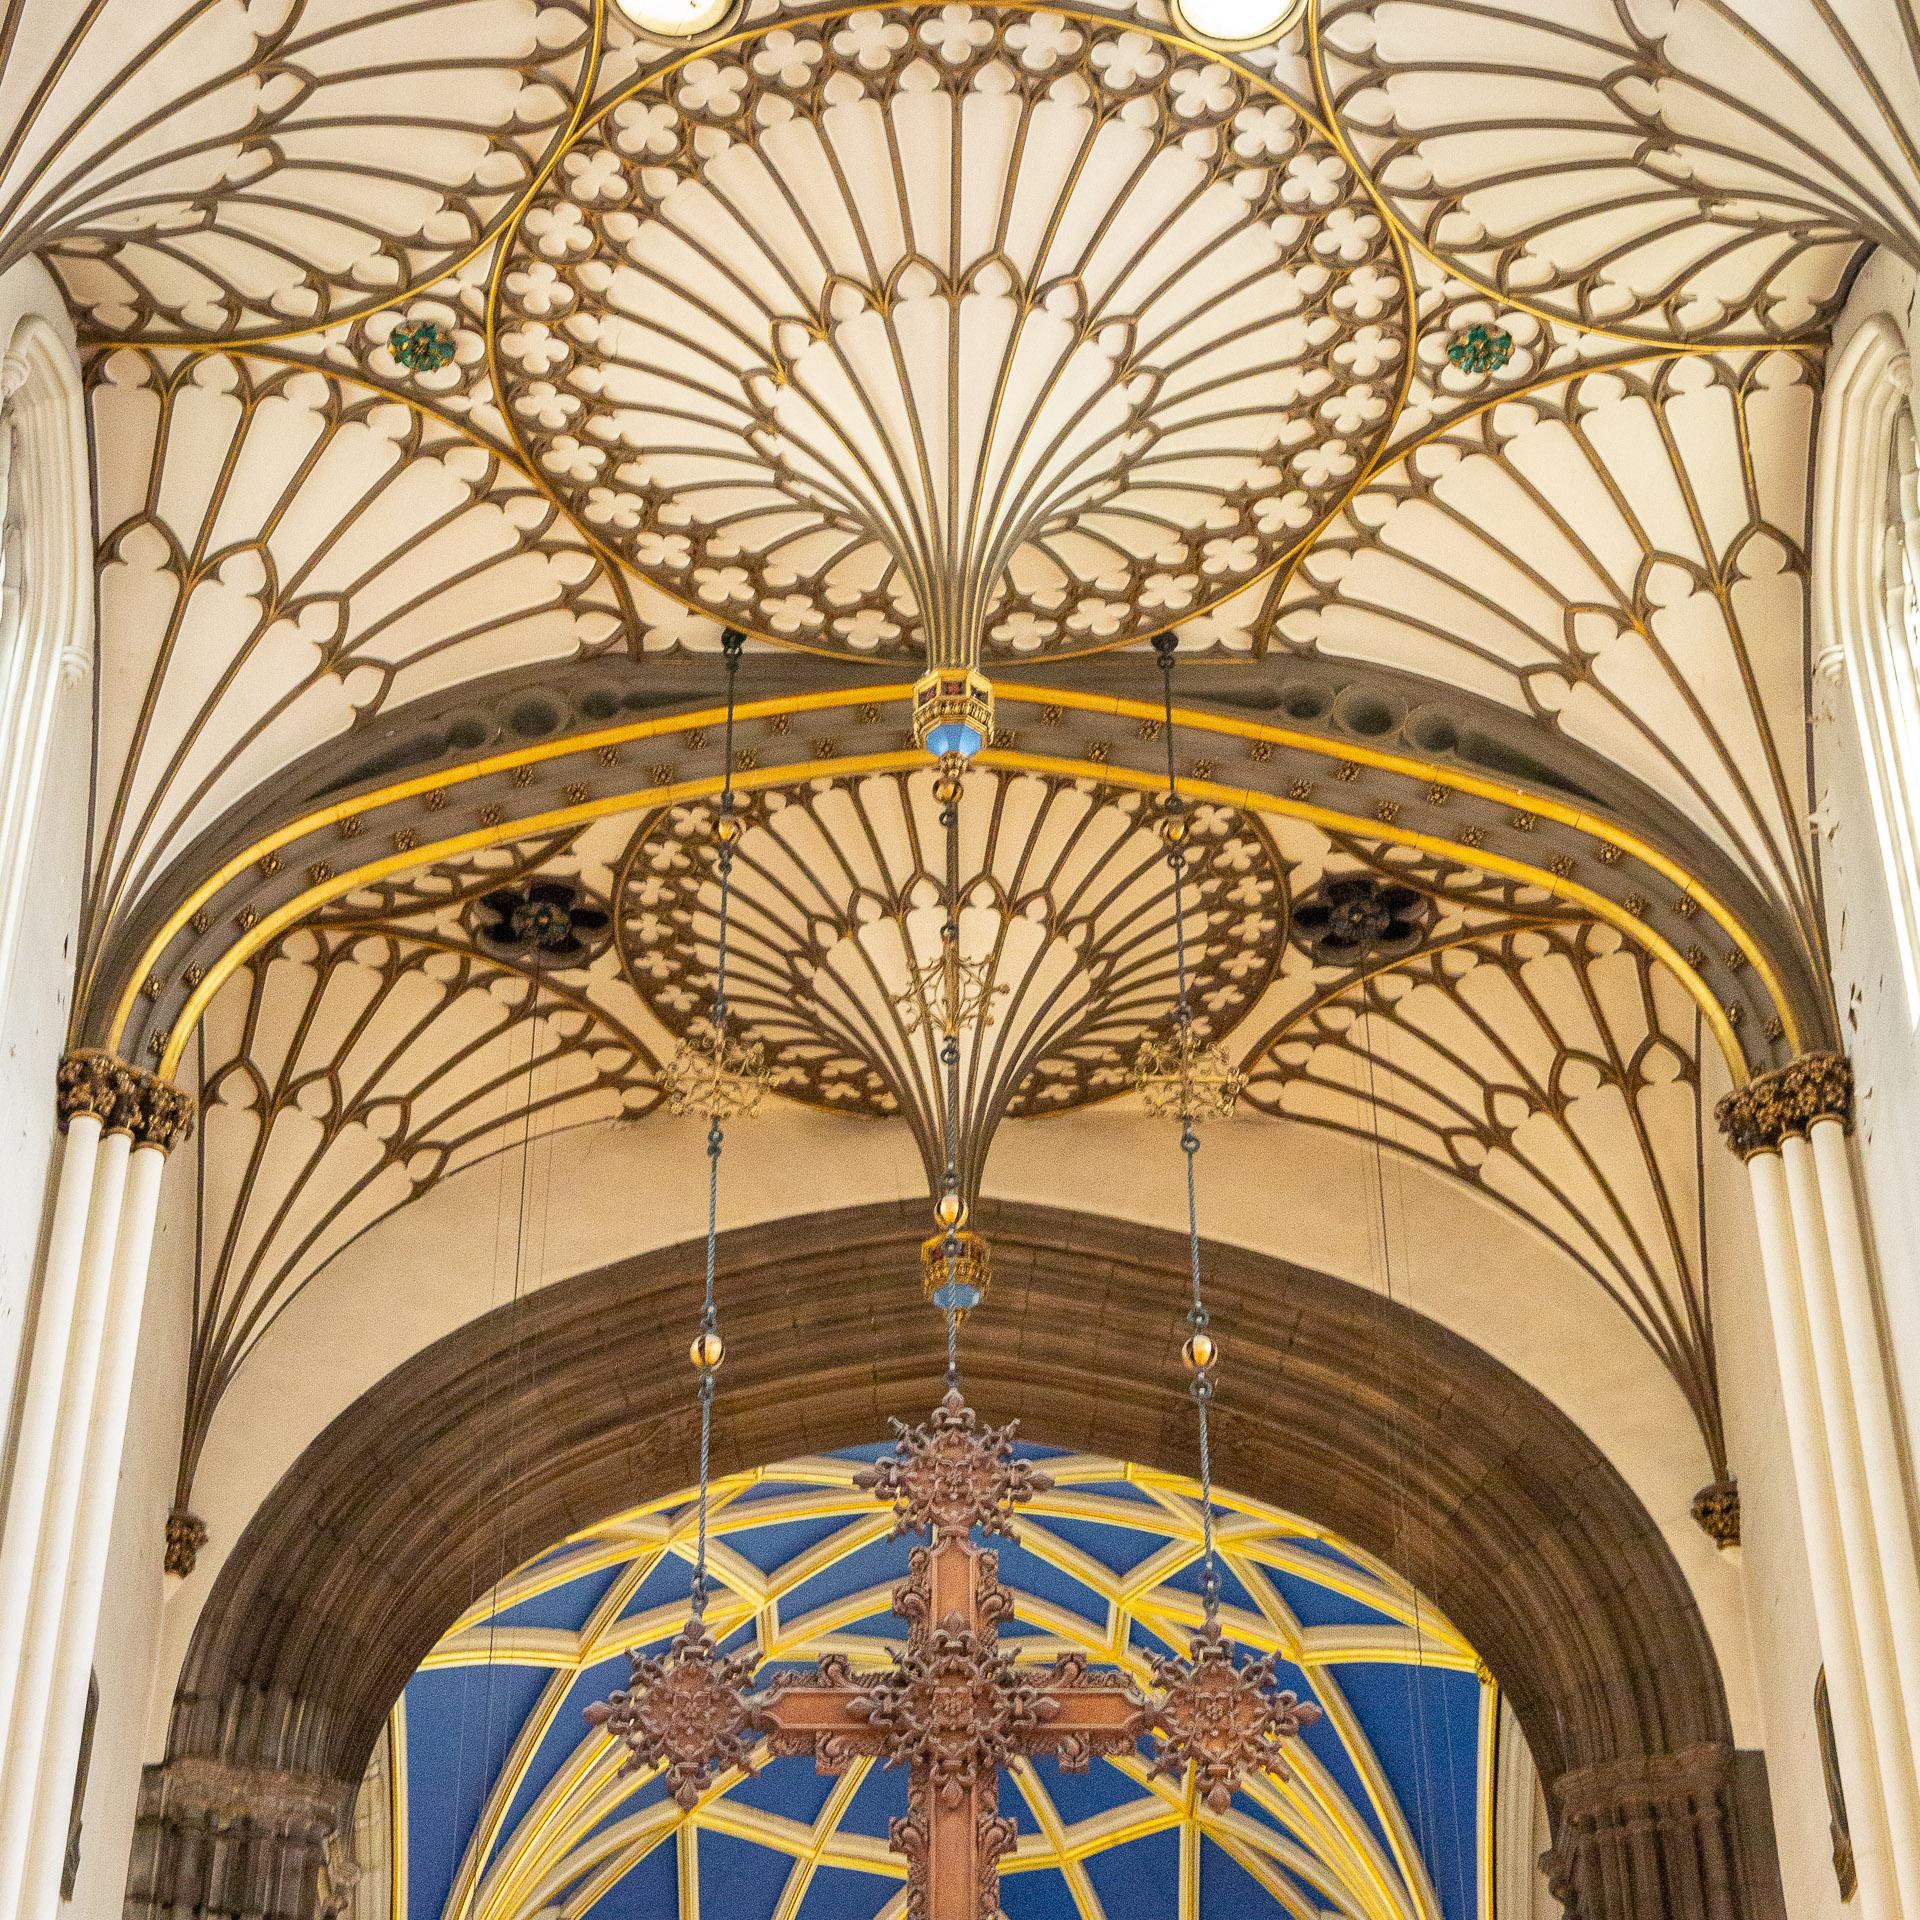 Das Deckengewölbe der St John's Church